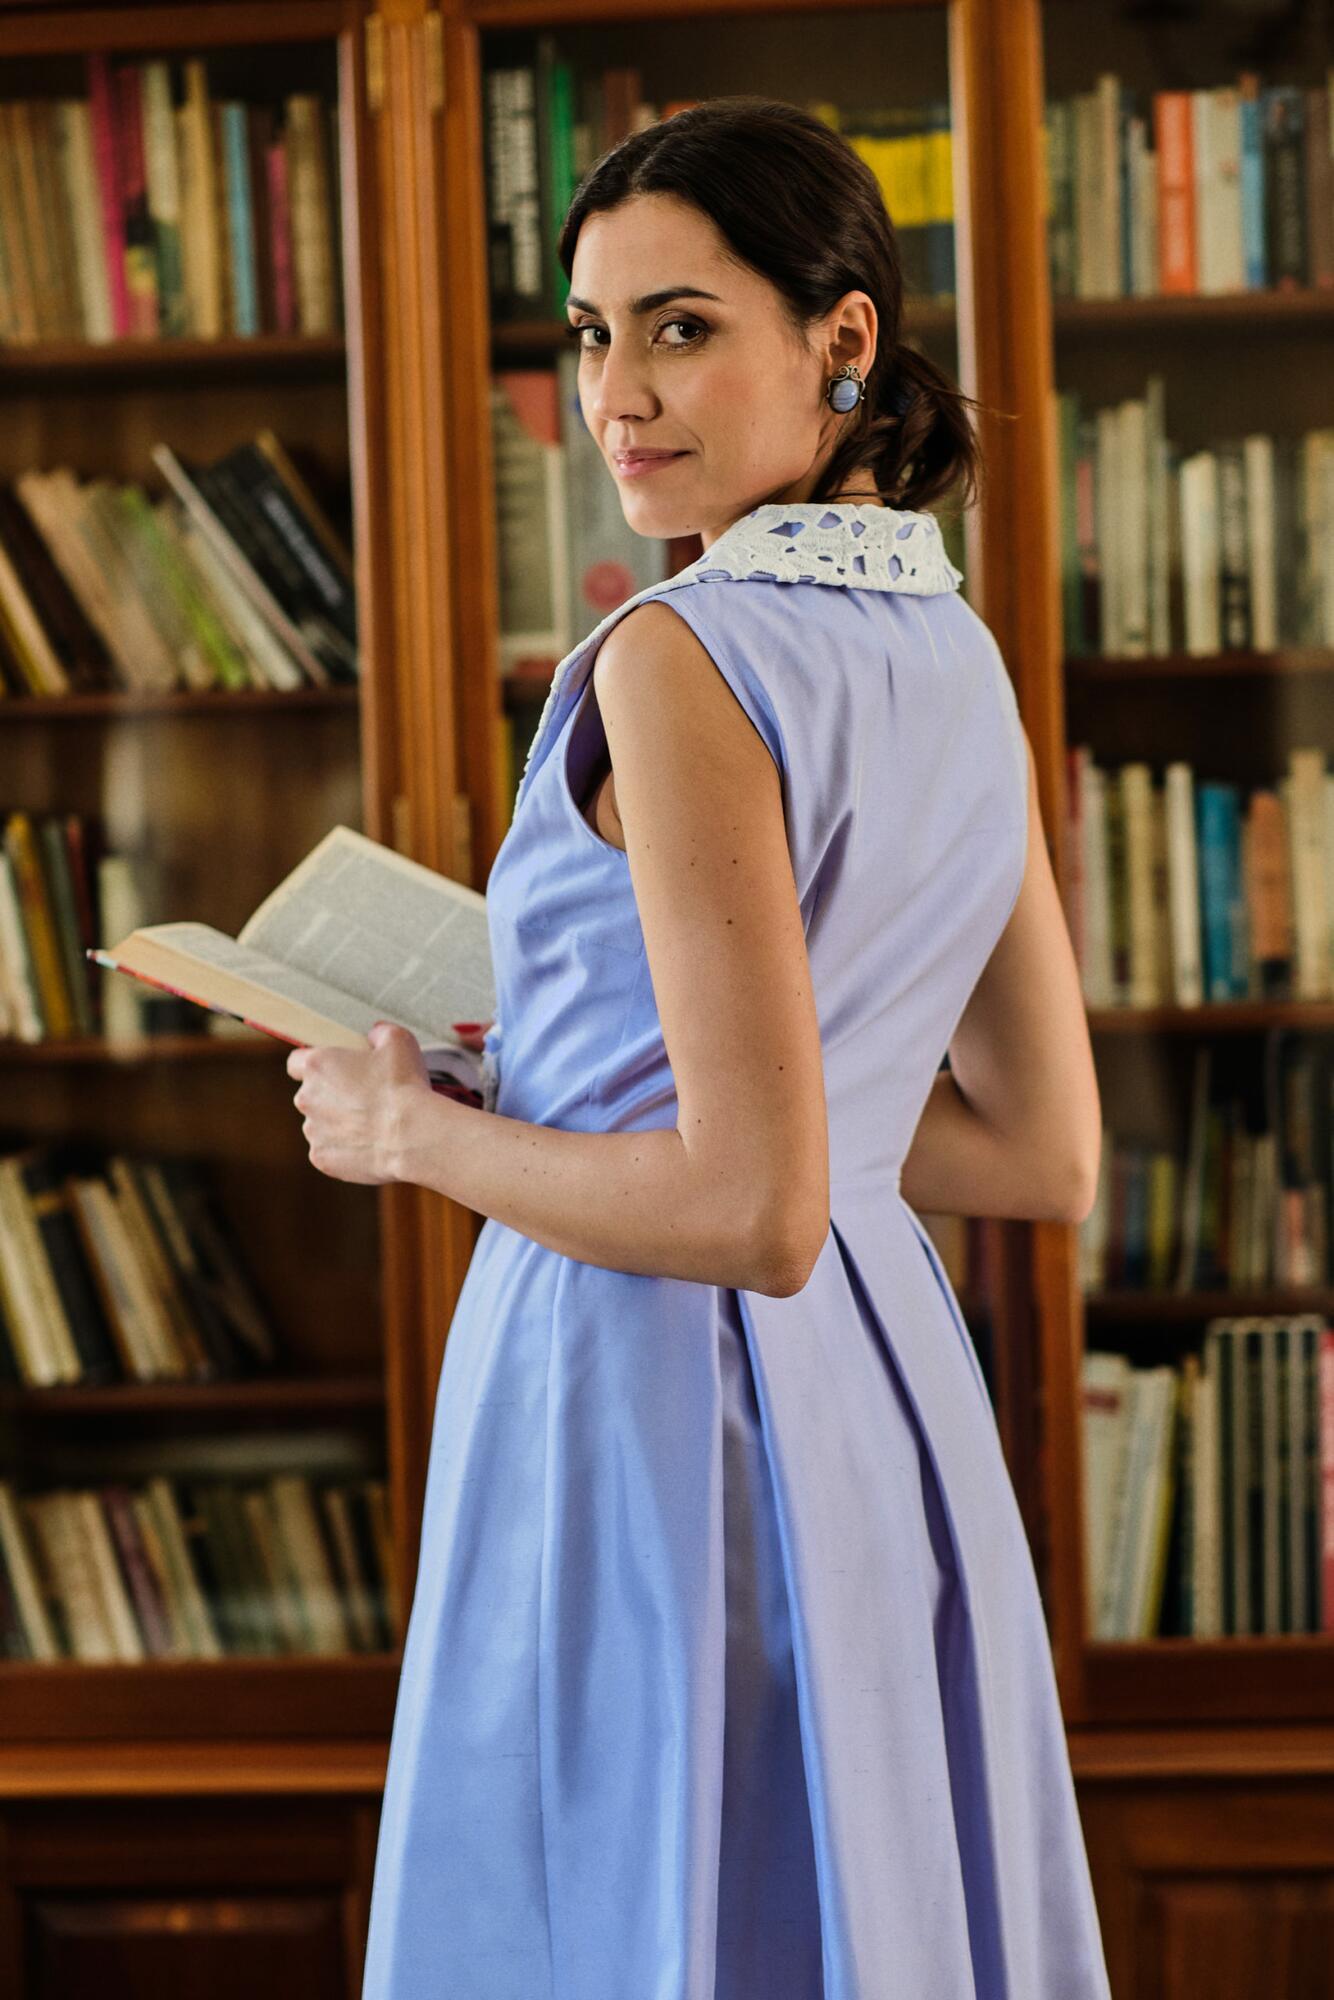 Sukienka Saint Tropez - jedwab z bawełną - SYLVIA DARA SYLWIA DYDA | JestemSlow.pl